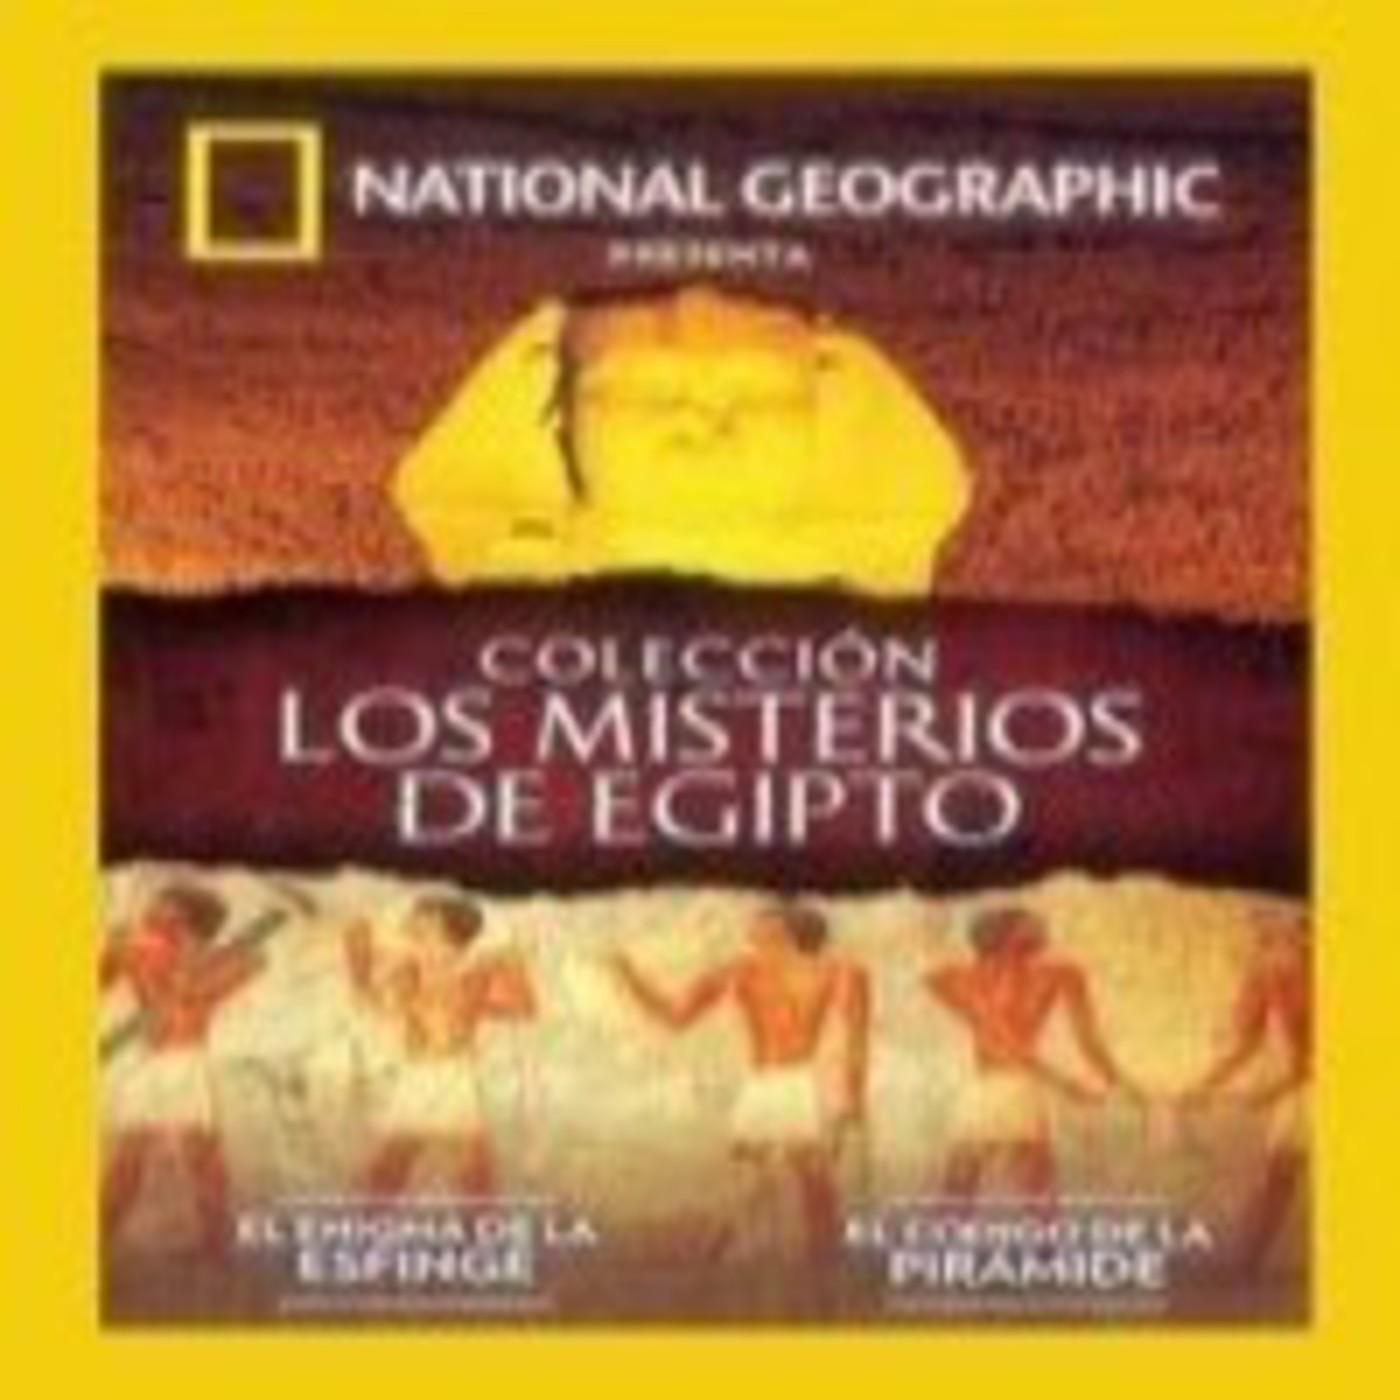 Los misterios de Egipto (serie completa)